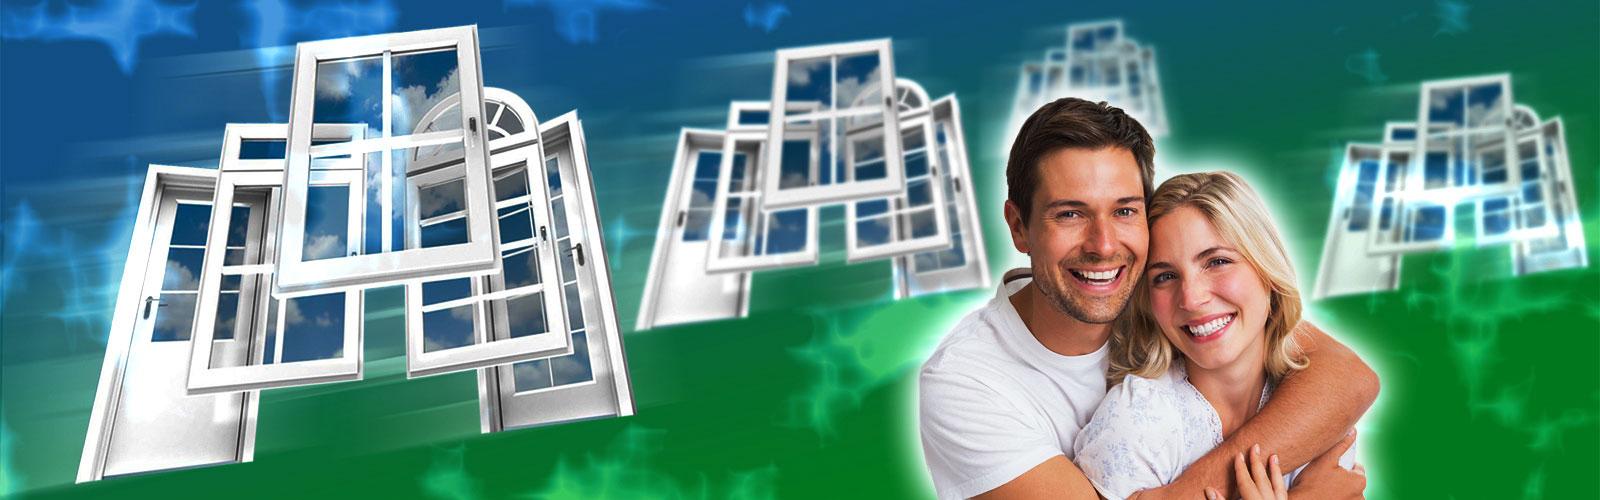 Full Size of Fenster Kaufen In Polen Kunststofffenster Aus Gnstig Kleine Küche Einrichten Leinen Sofa Hotel Bad Gögging Fliegengitter Für Klebefolie Kinder Bett Braun Fenster Fenster Kaufen In Polen